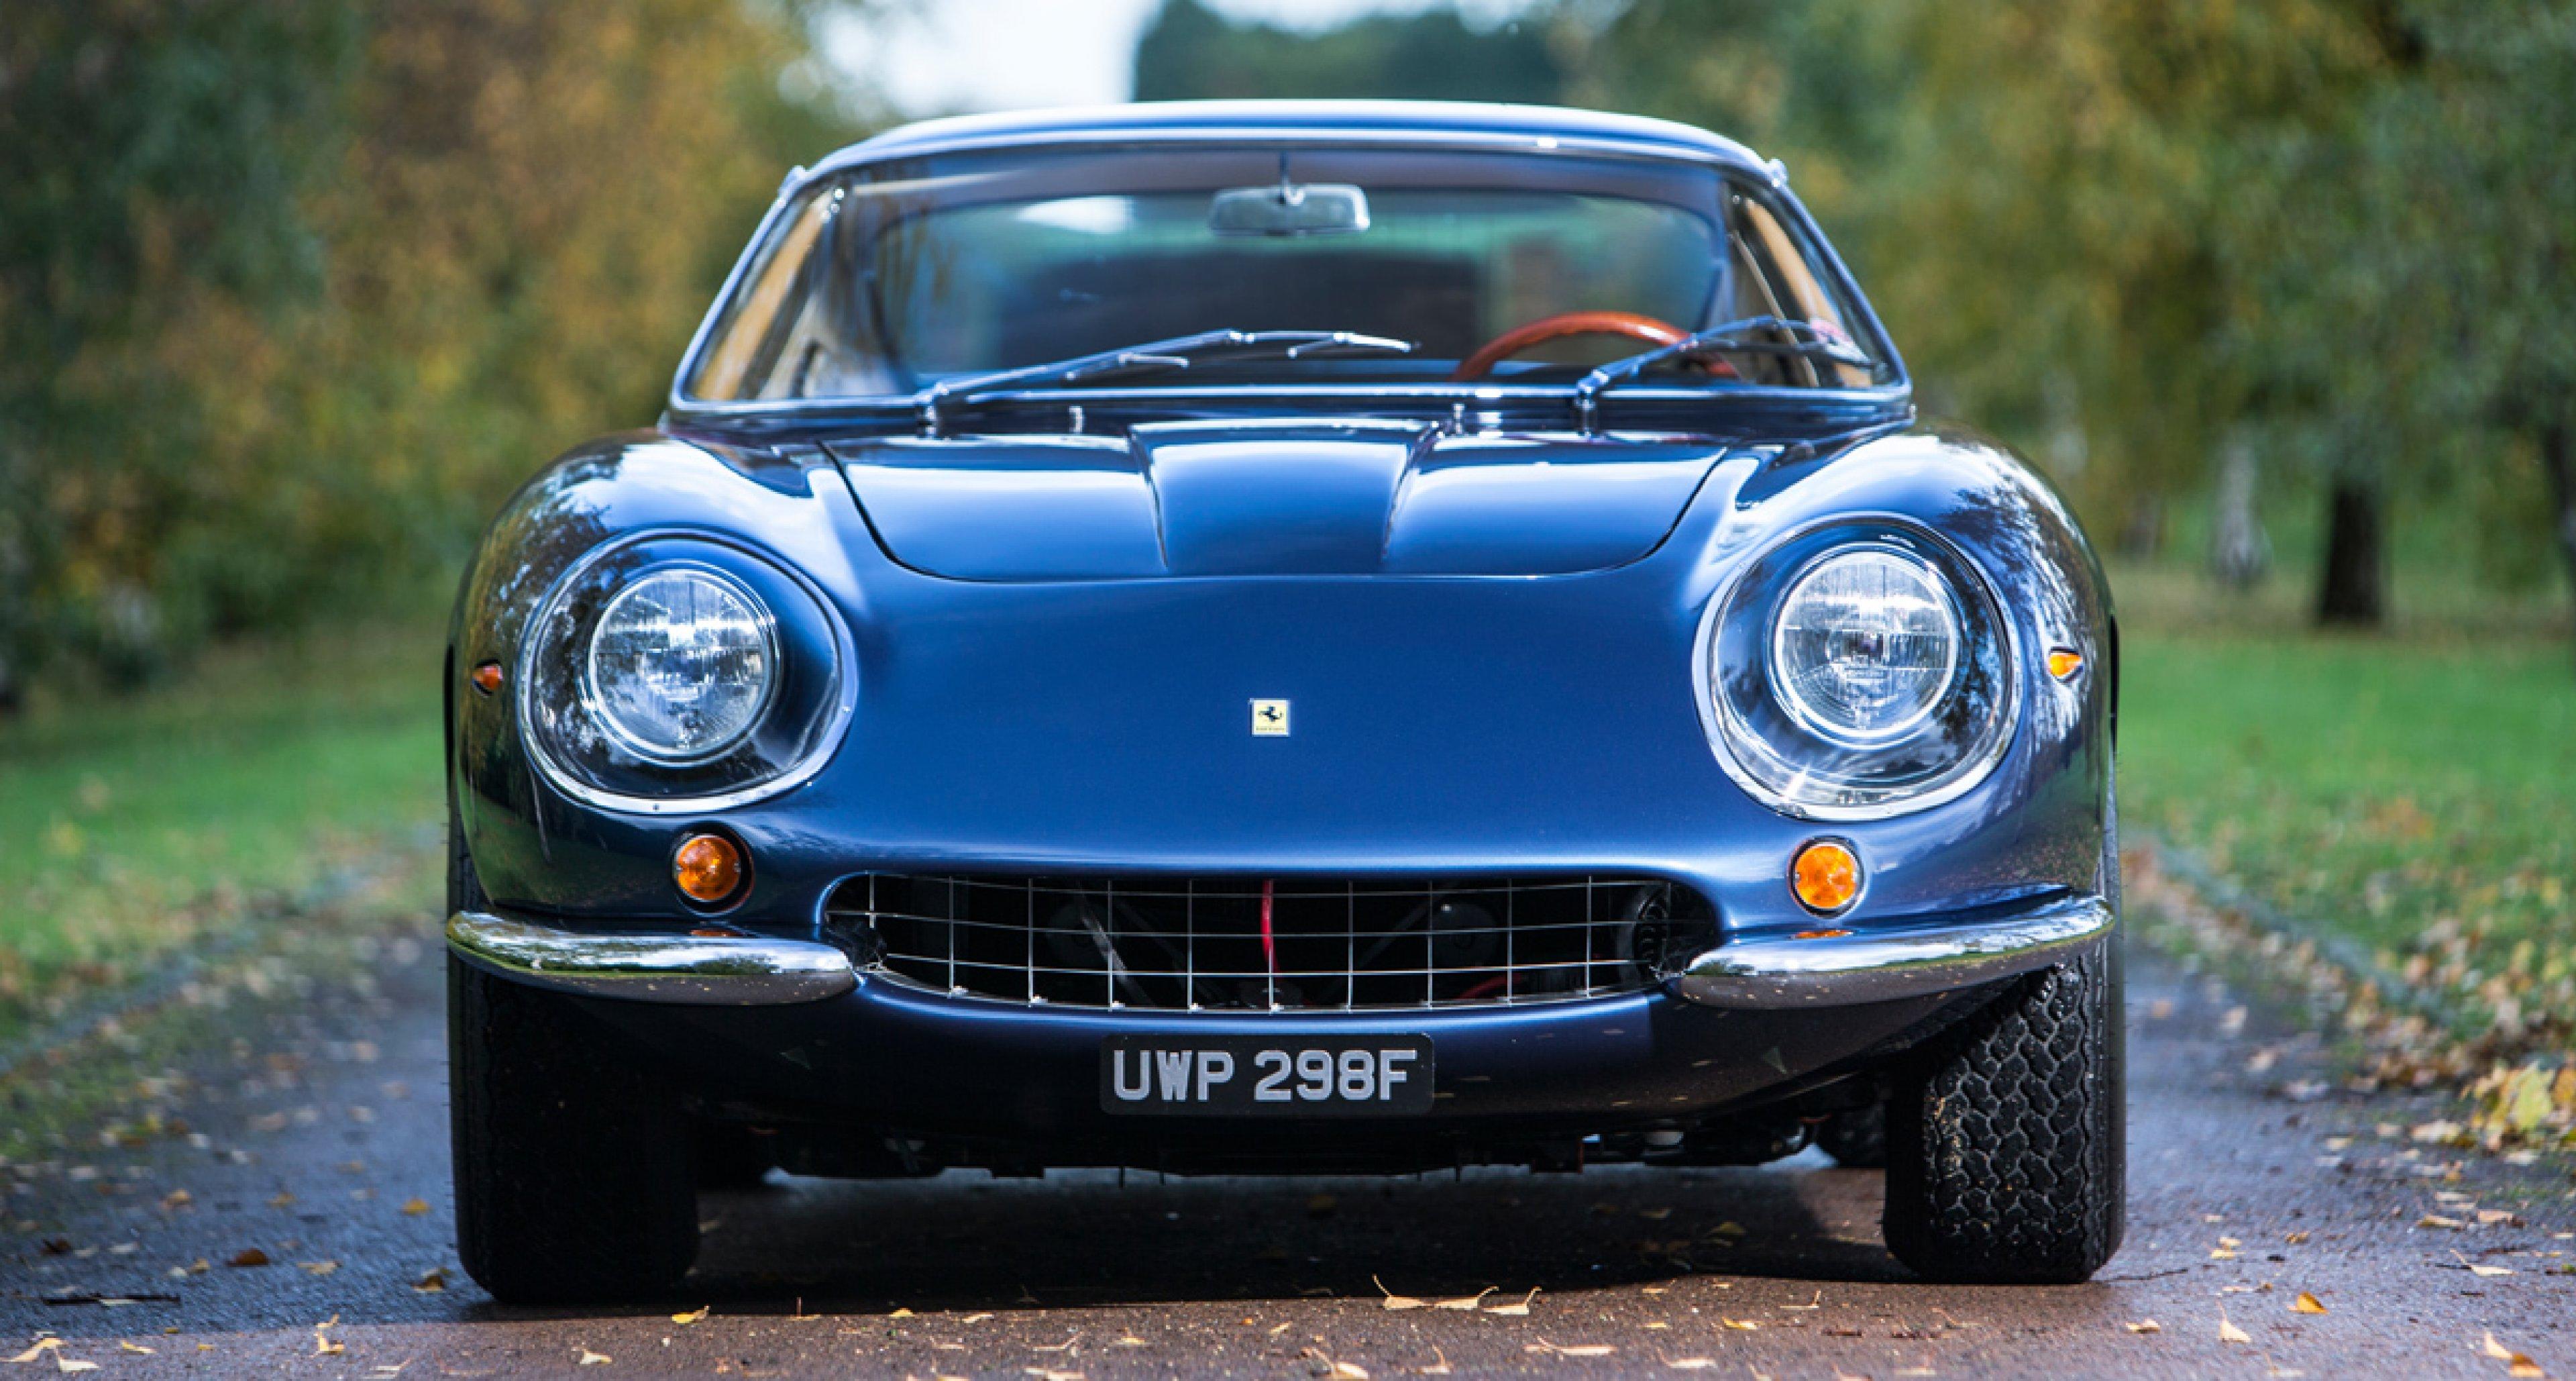 1968 Ferrari 275GTB/4 berlinette